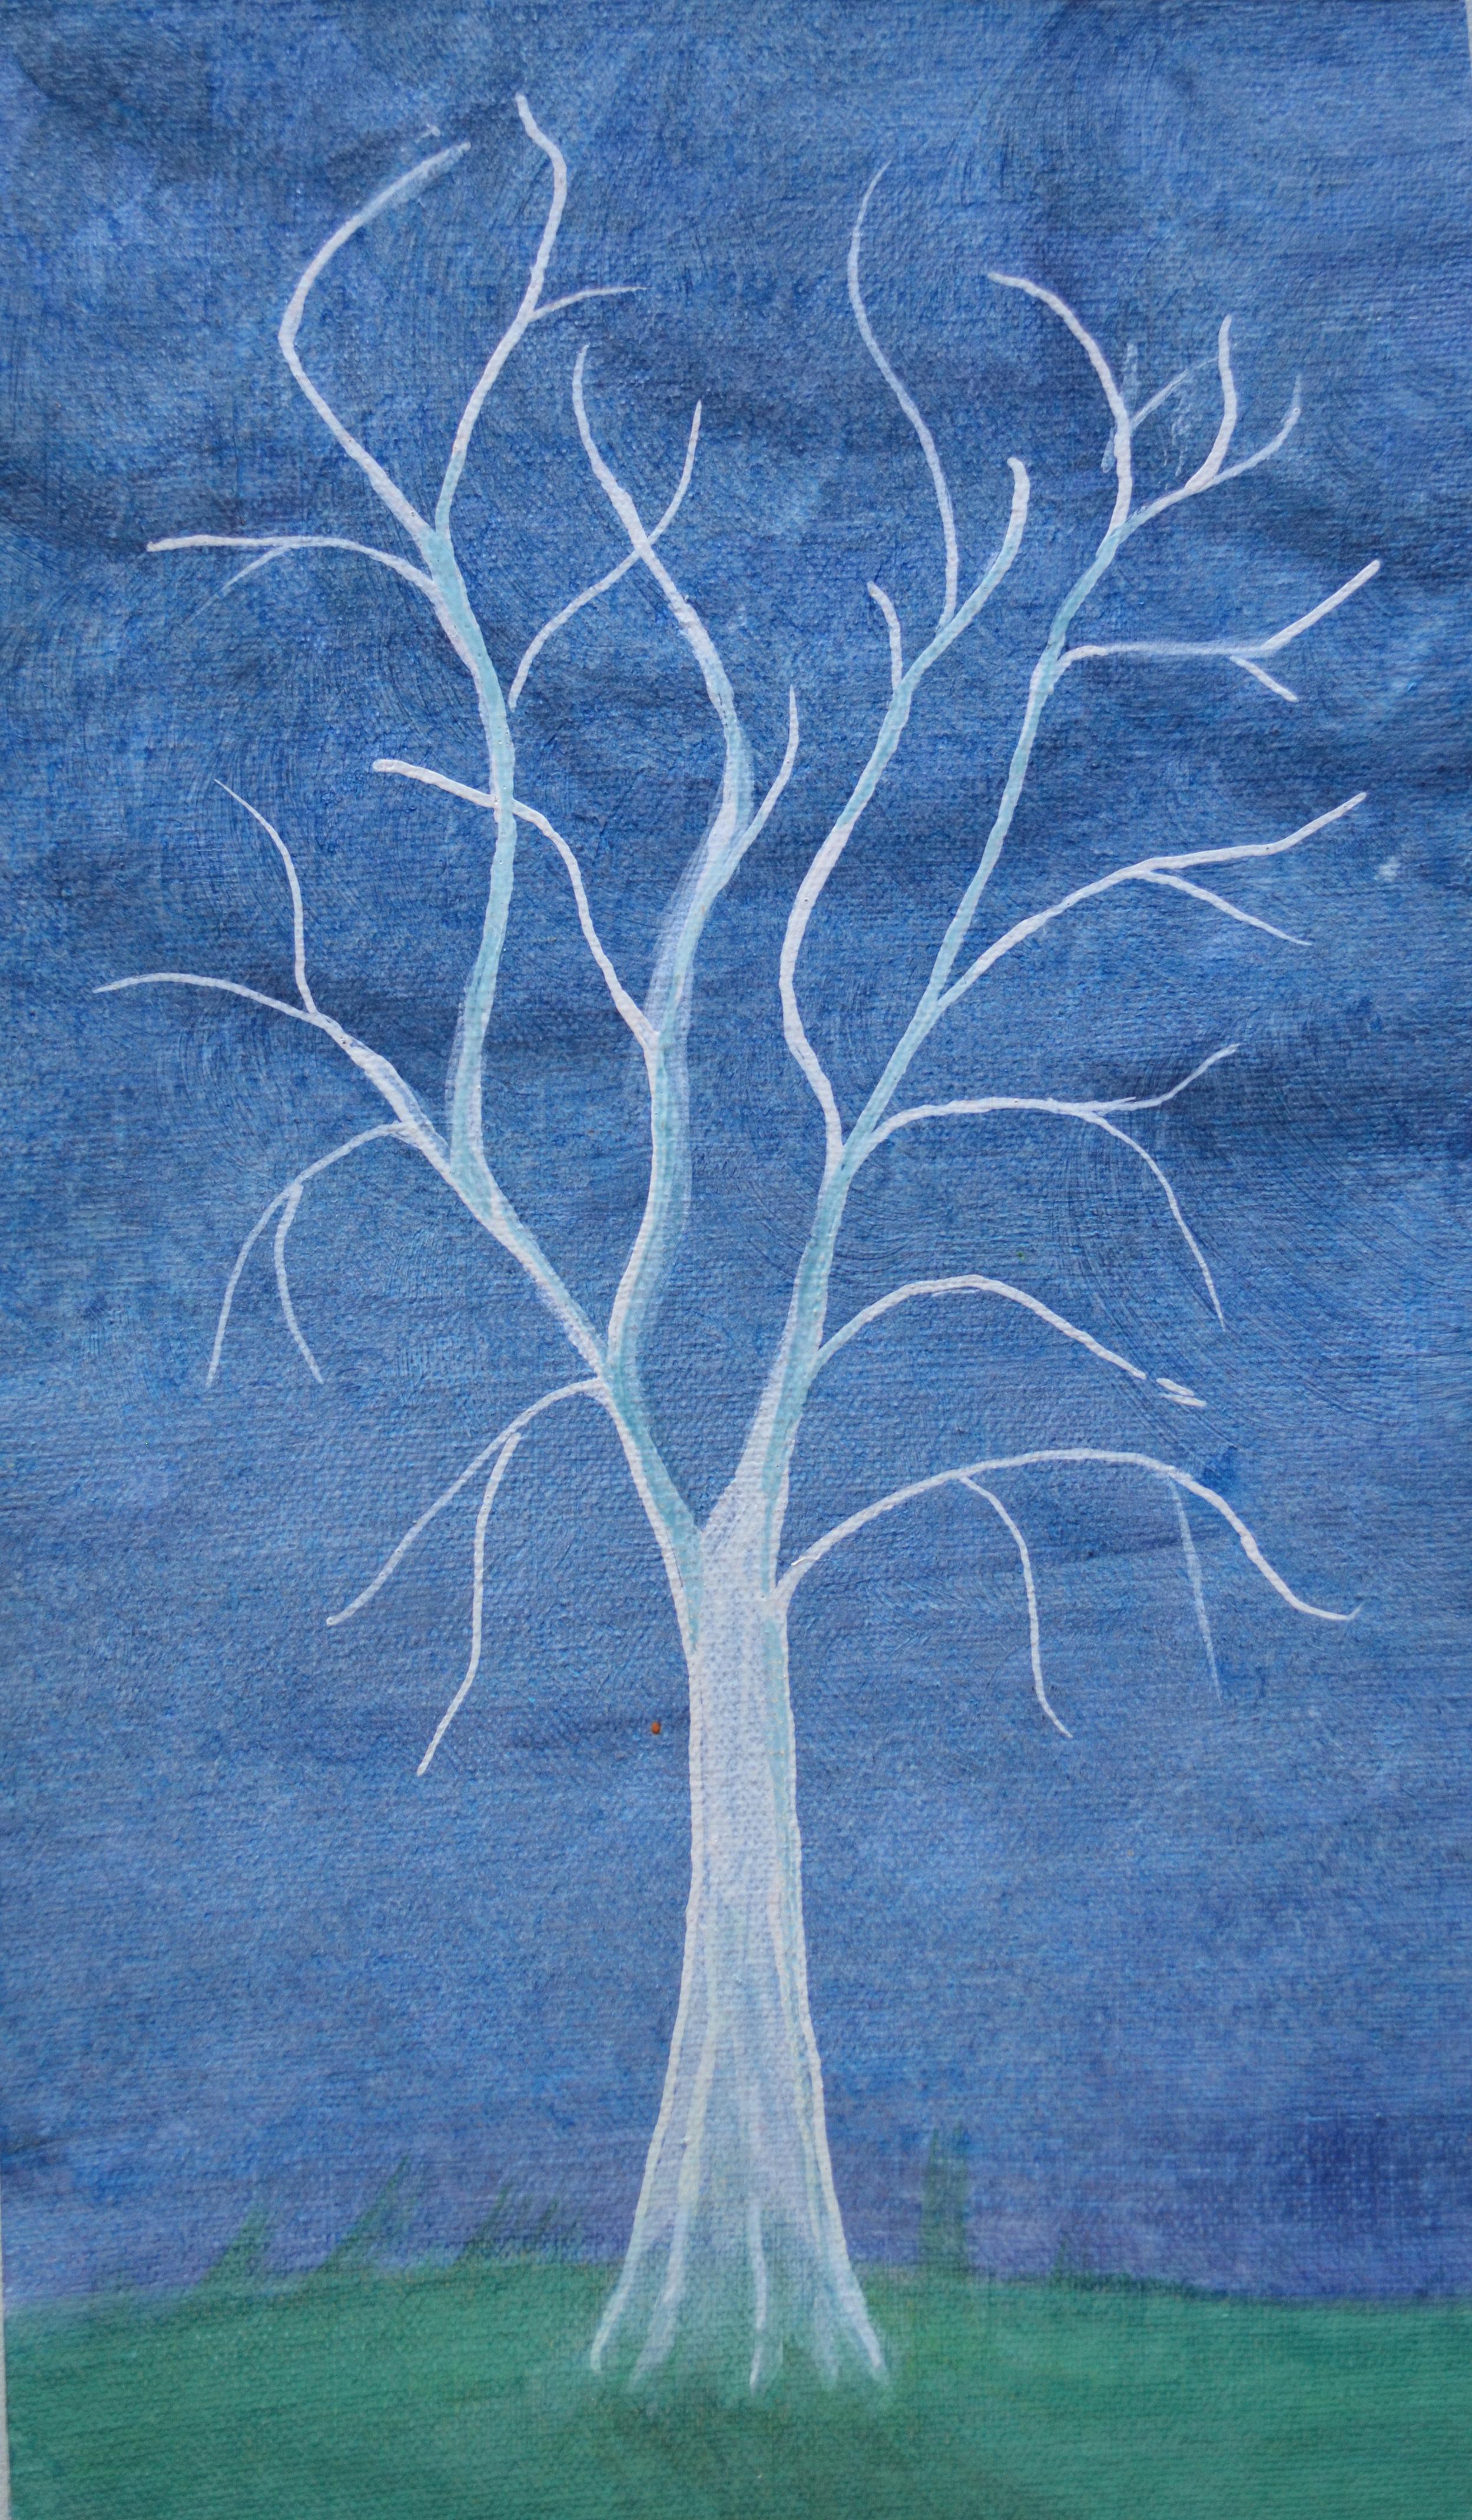 Jean Wilson, Ghost Tree, 2015